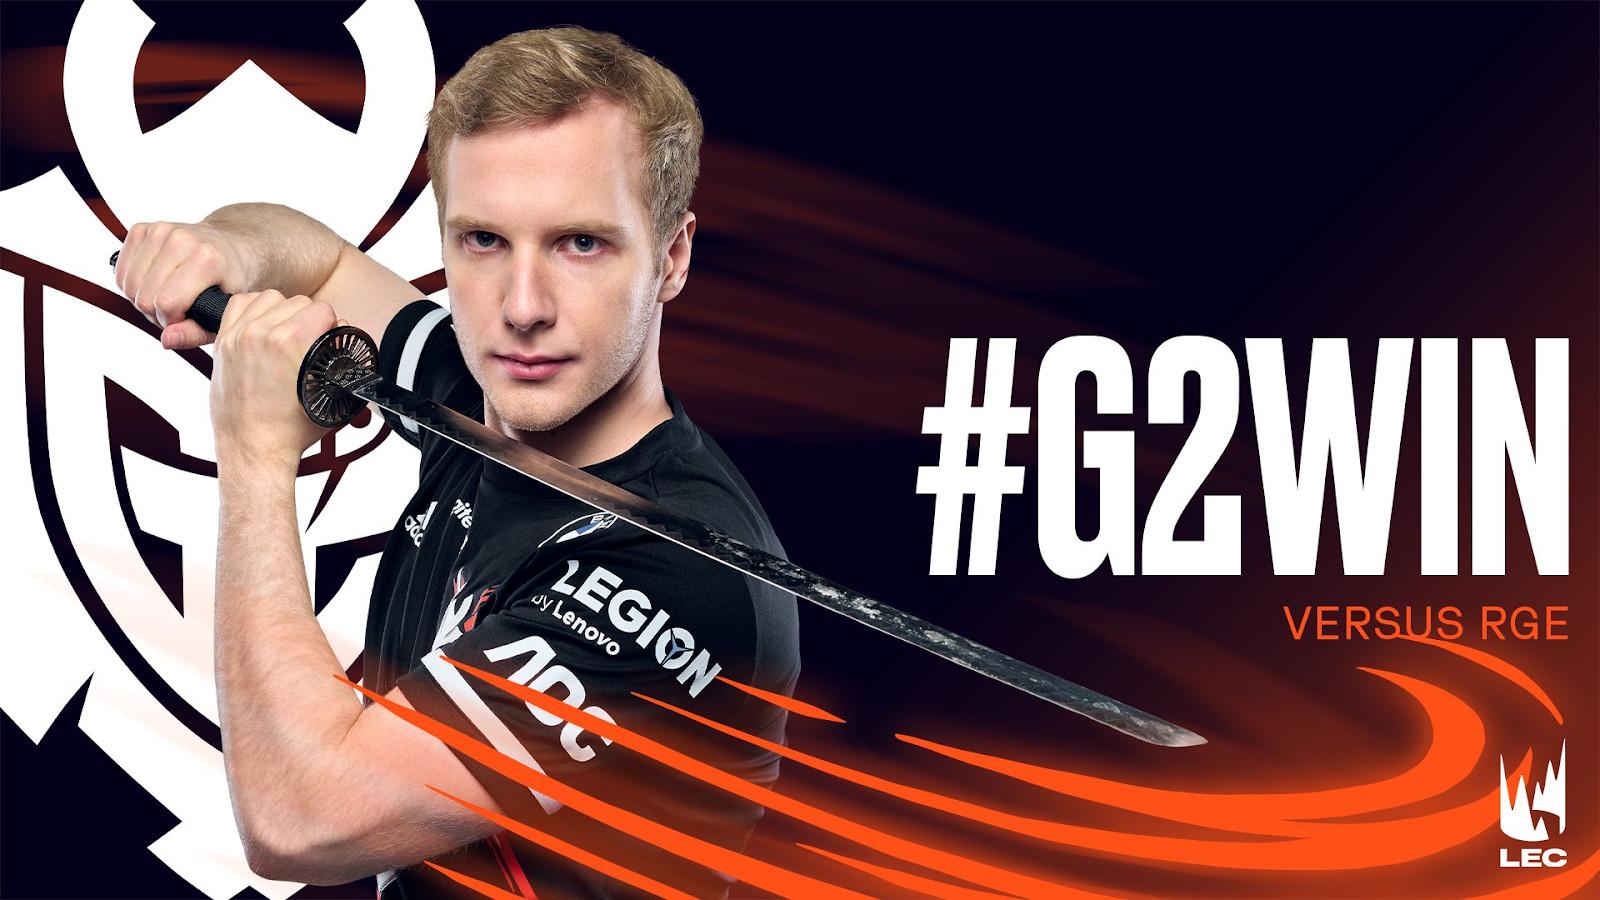 G2 Esports heeft gisteren in een waanzinnige wedstrijd Rogue verslagen tijdens de LEC, Europa's grootste League of Legends-competitie. Tijdens de wedstrijd vielen 52 eliminaties in 39 minuten, wat ongekend is.